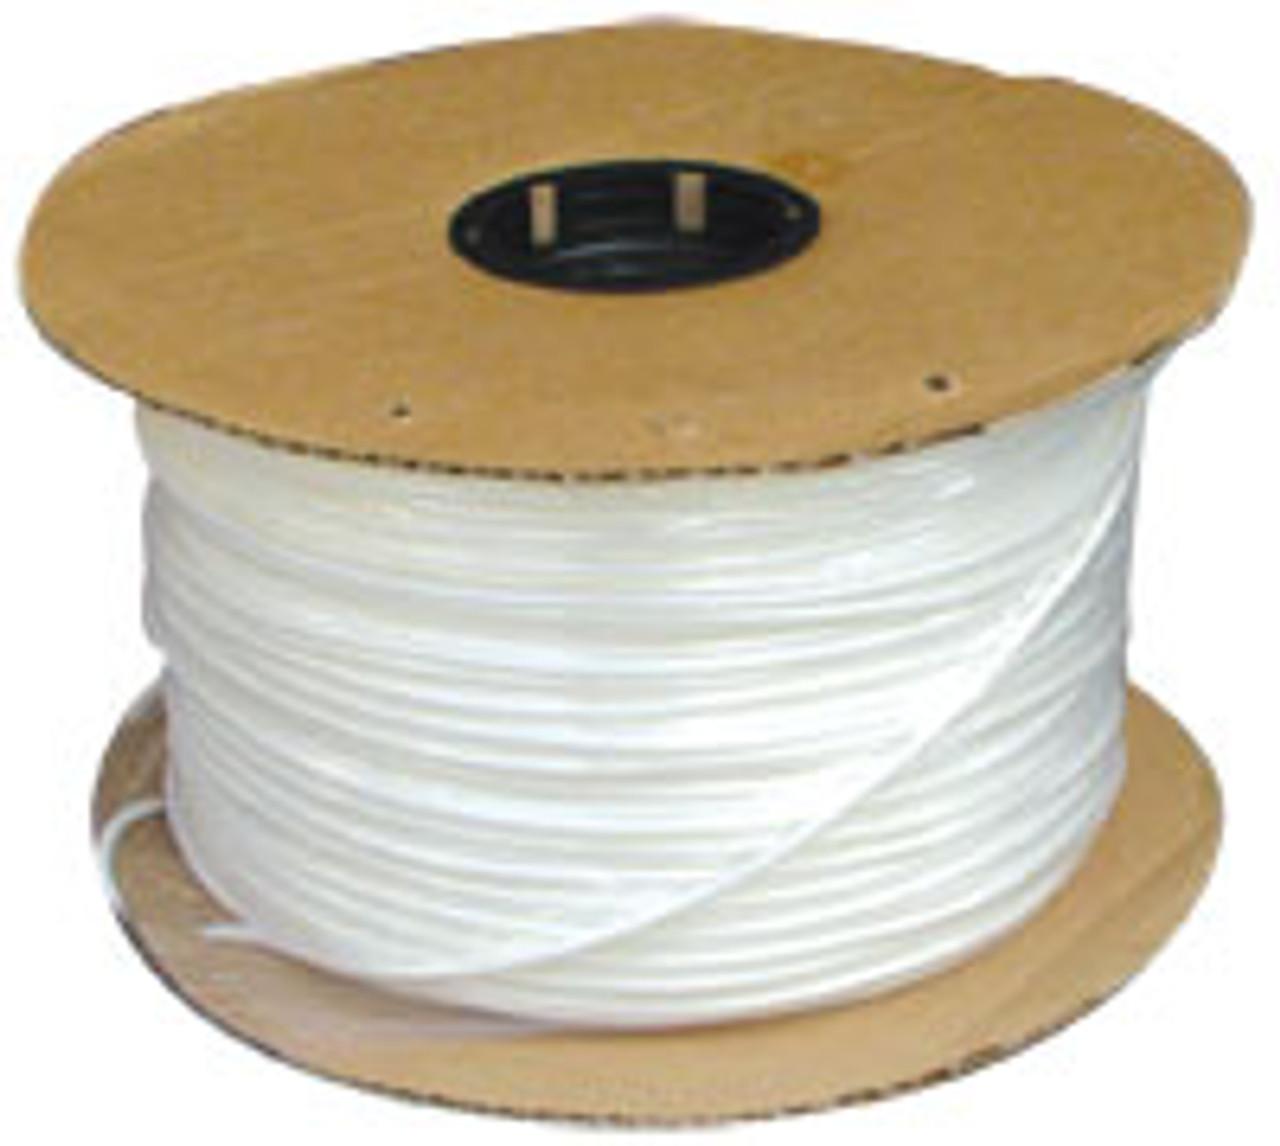 DAPA 4/32 Foam Flex Welt Cord 500 Yard Roll